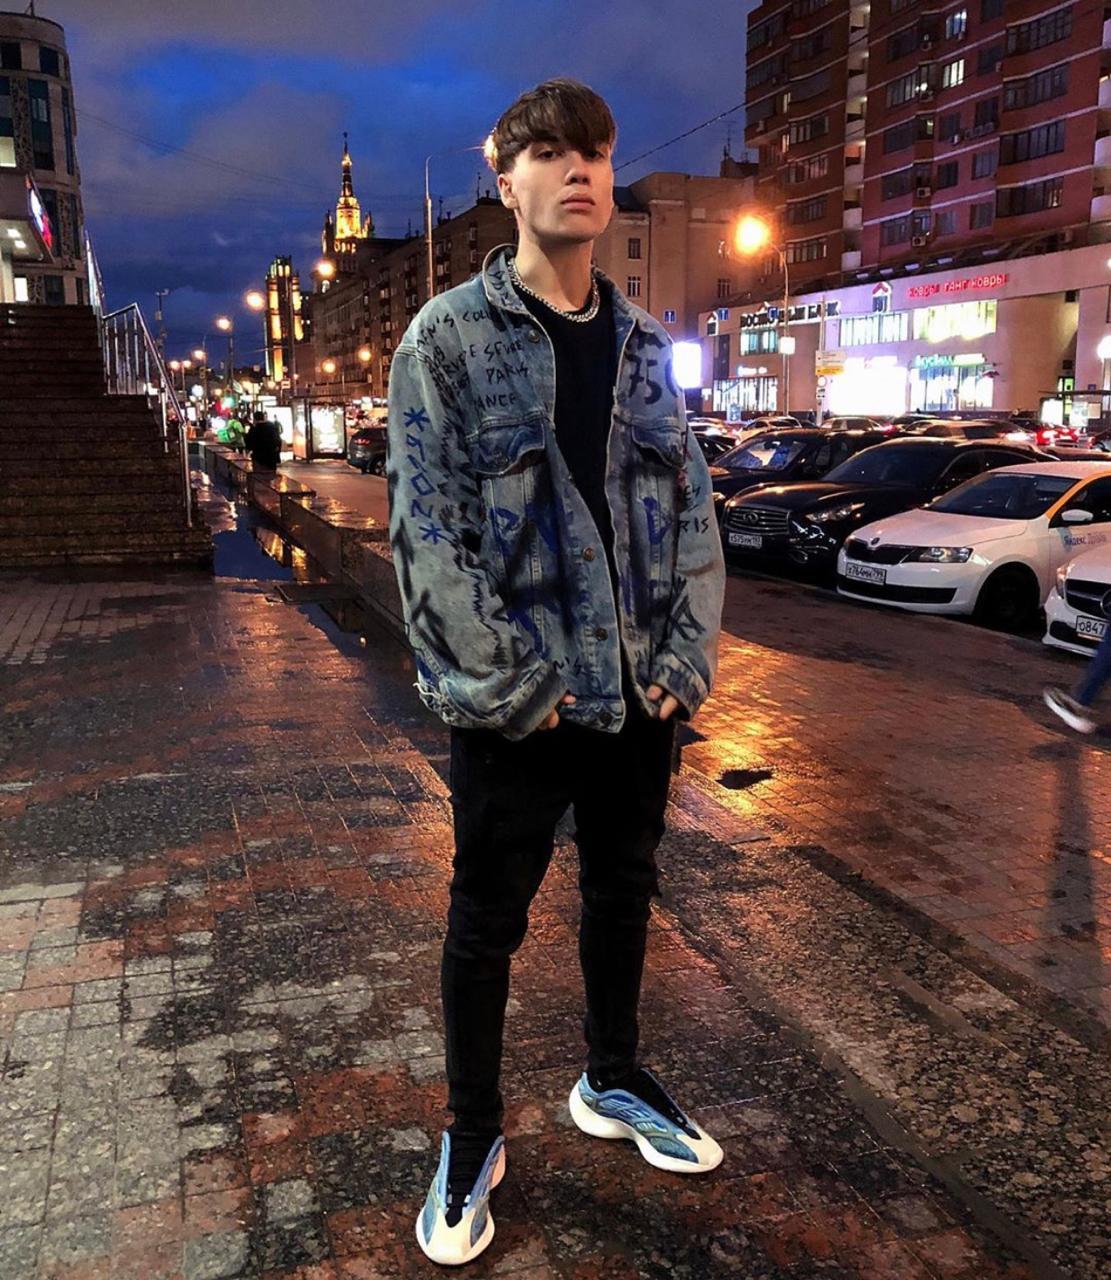 Сын Яны Рудковской Коля Батурин: джинсовая куртка Balceniaga, от 160 000 руб. (Фото: @n_baturin)